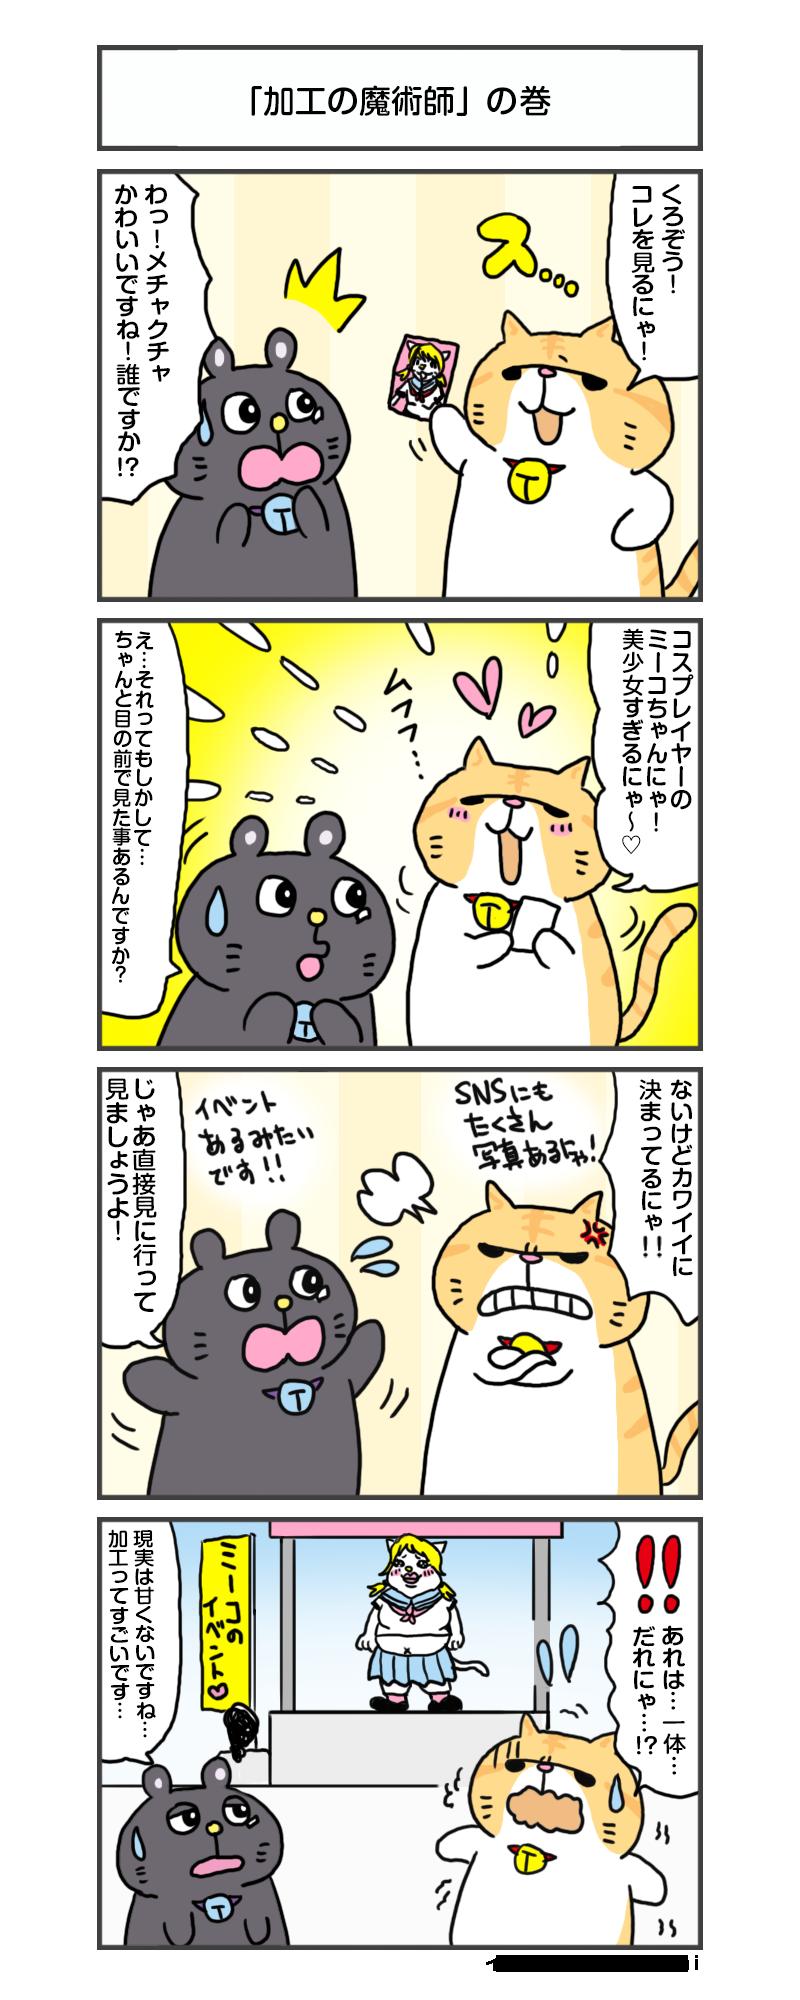 縺医″縺昴y縺・anga_vol.217